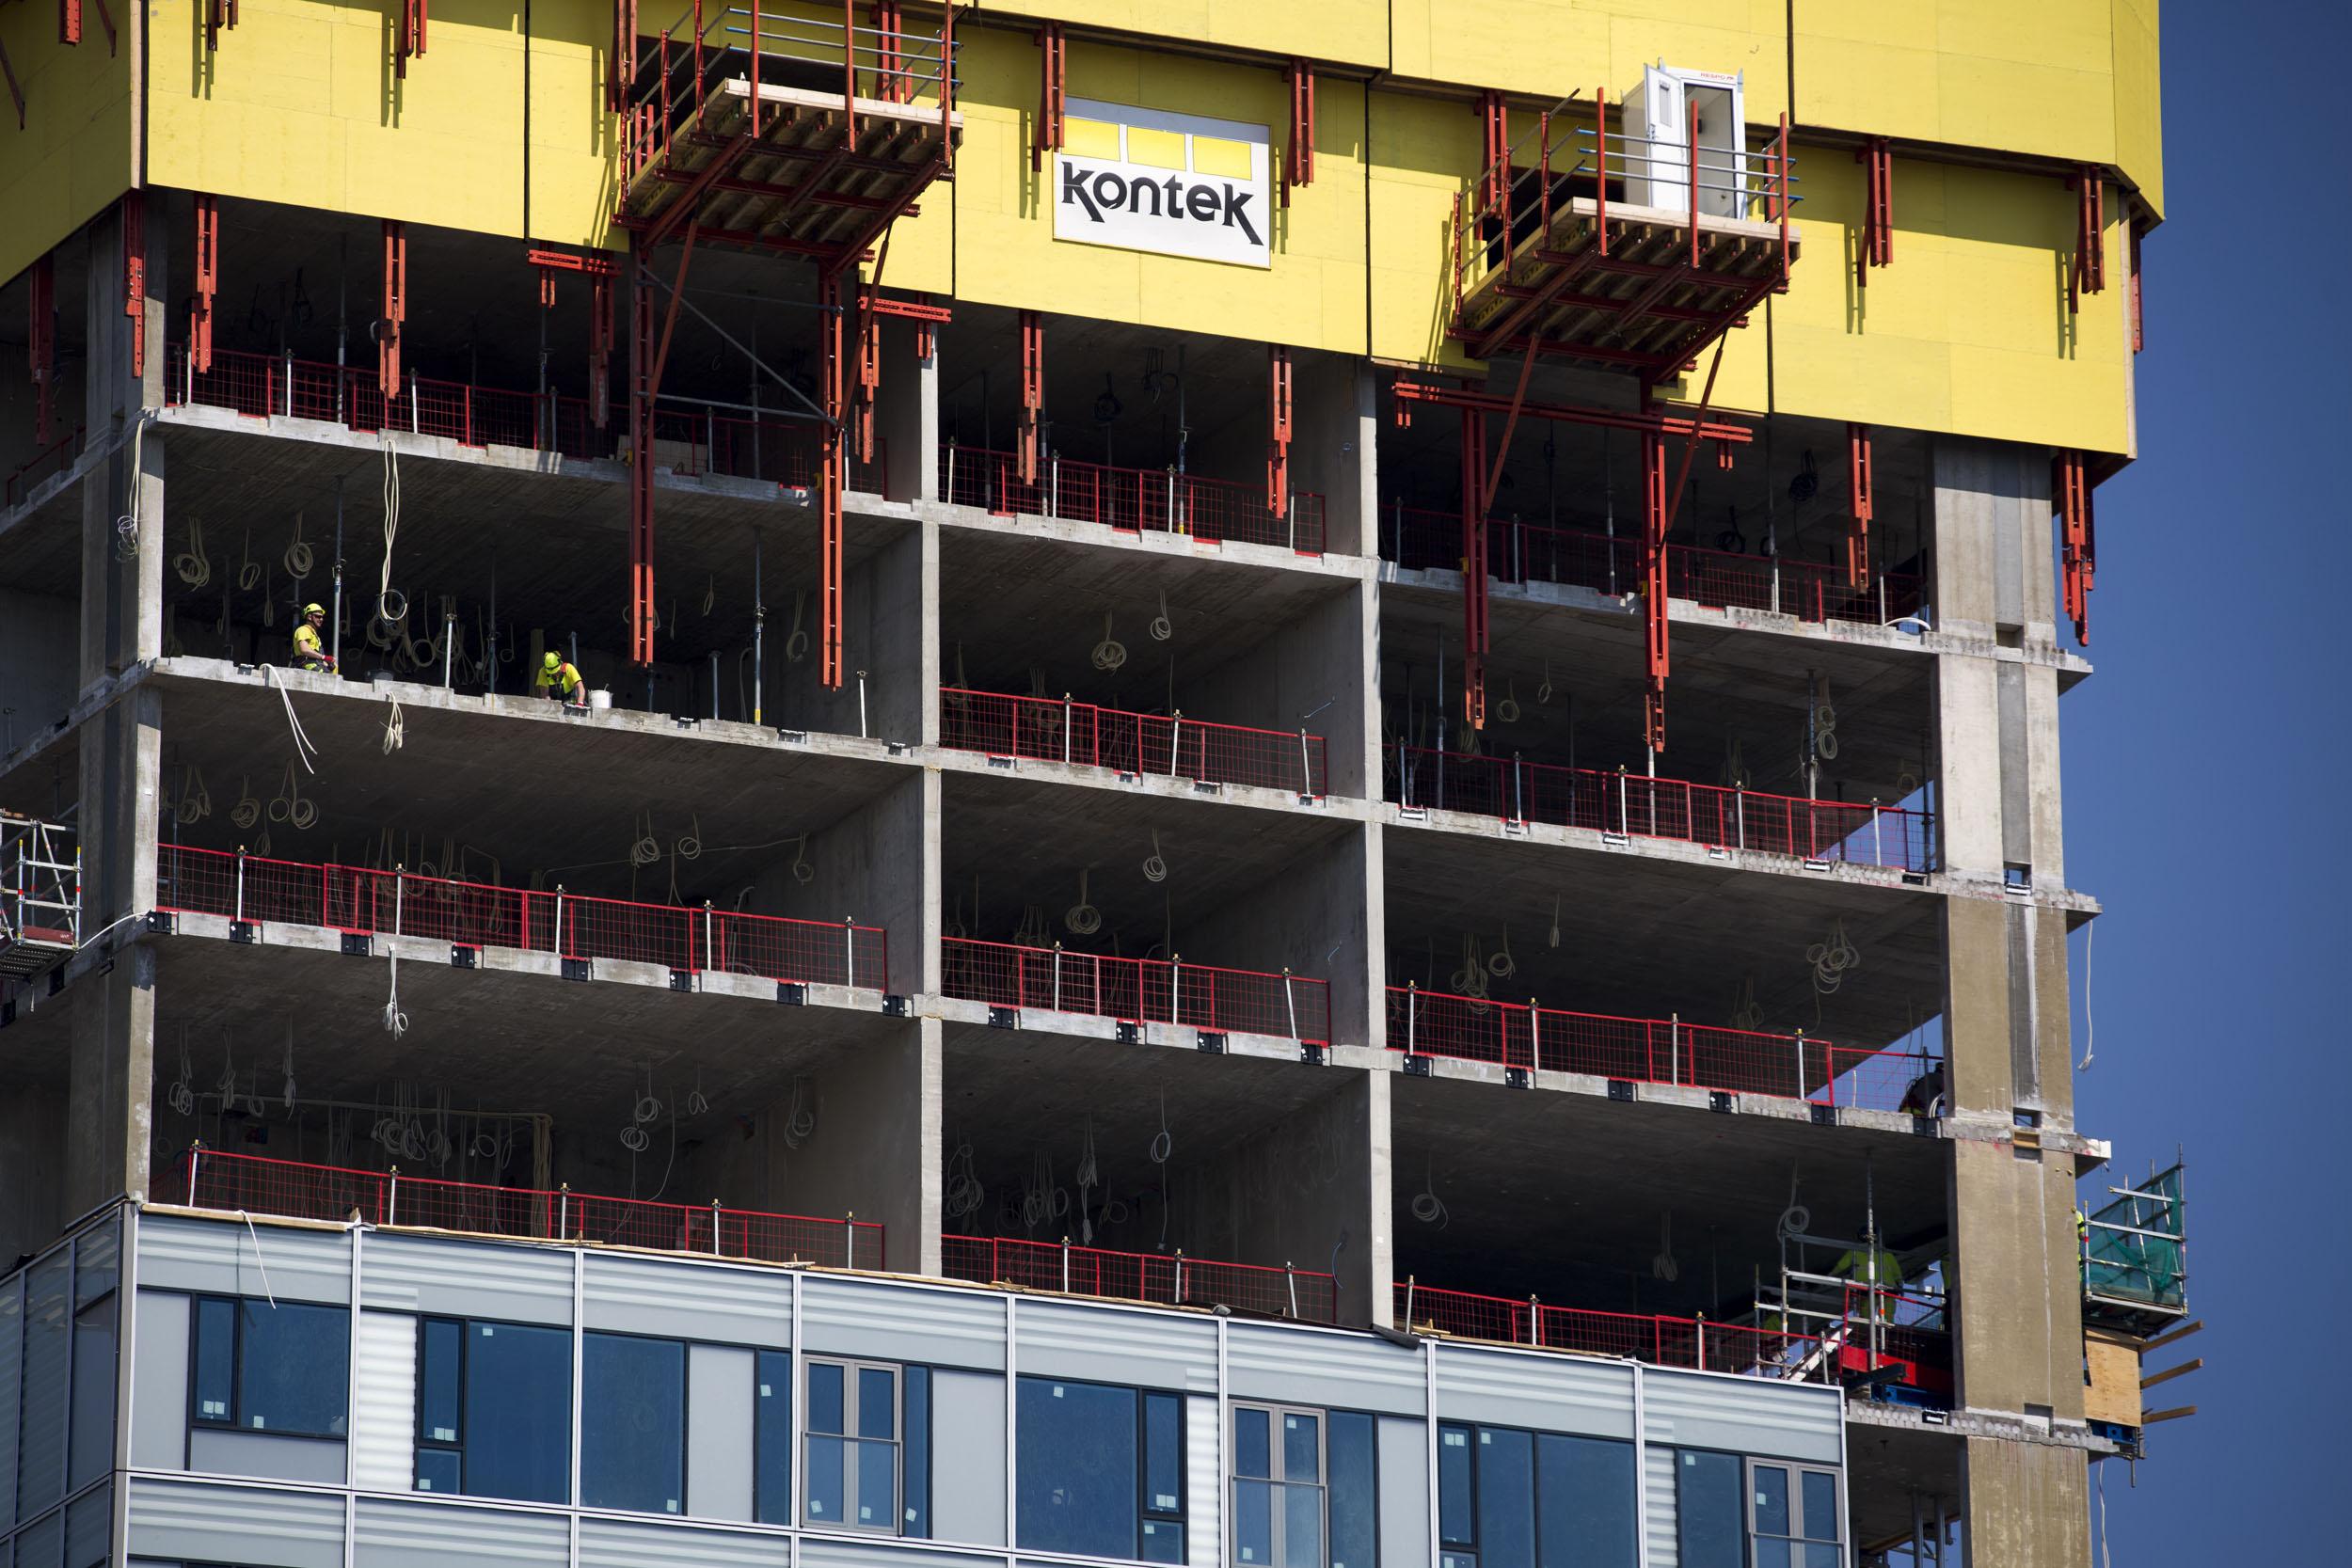 Punaisten palkkien varassa lepää kiipeävä muotti, jonka avulla työntekijät valavat betonista Majakan kantavat seinät ja hissikuilut. Kun yksi kerros on valmis, muotti nostetaan seuraavaan. Julkisivu kiinnitetään rungosta erilleen.